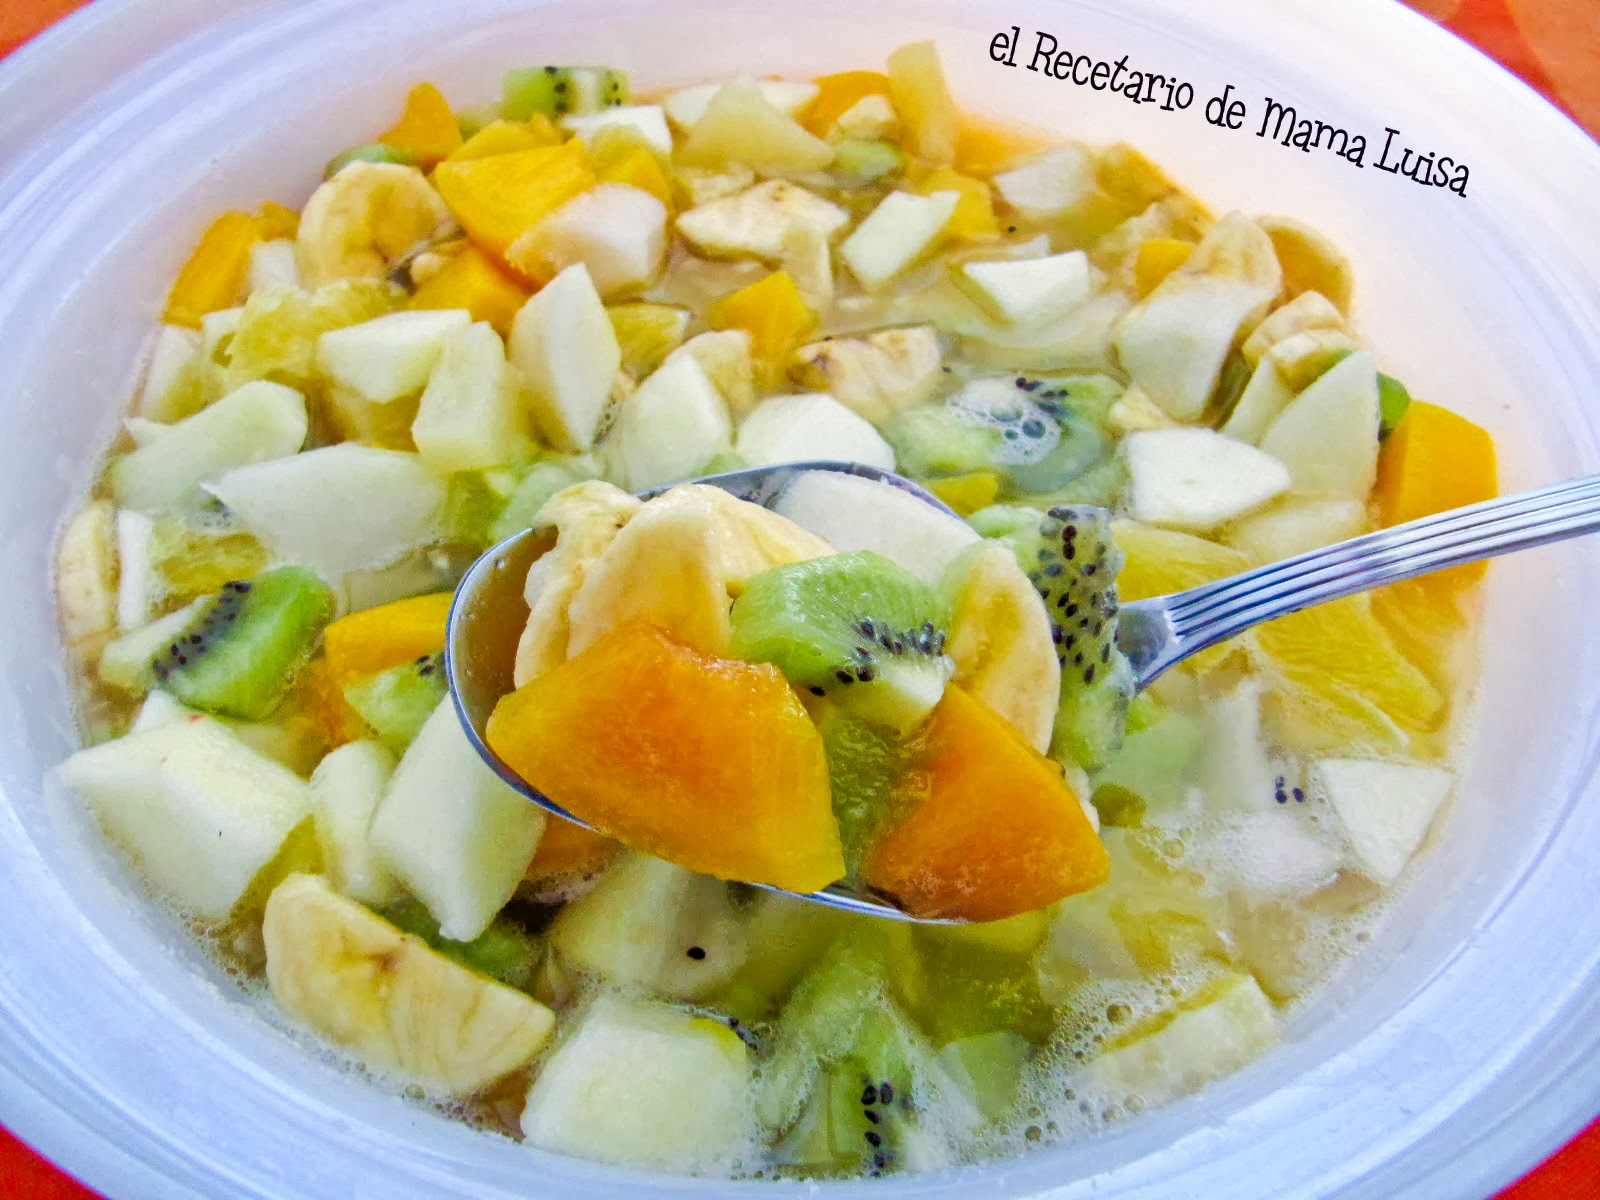 El recetario de mama luisa macedonia de frutas - Macedonia de frutas thermomix ...